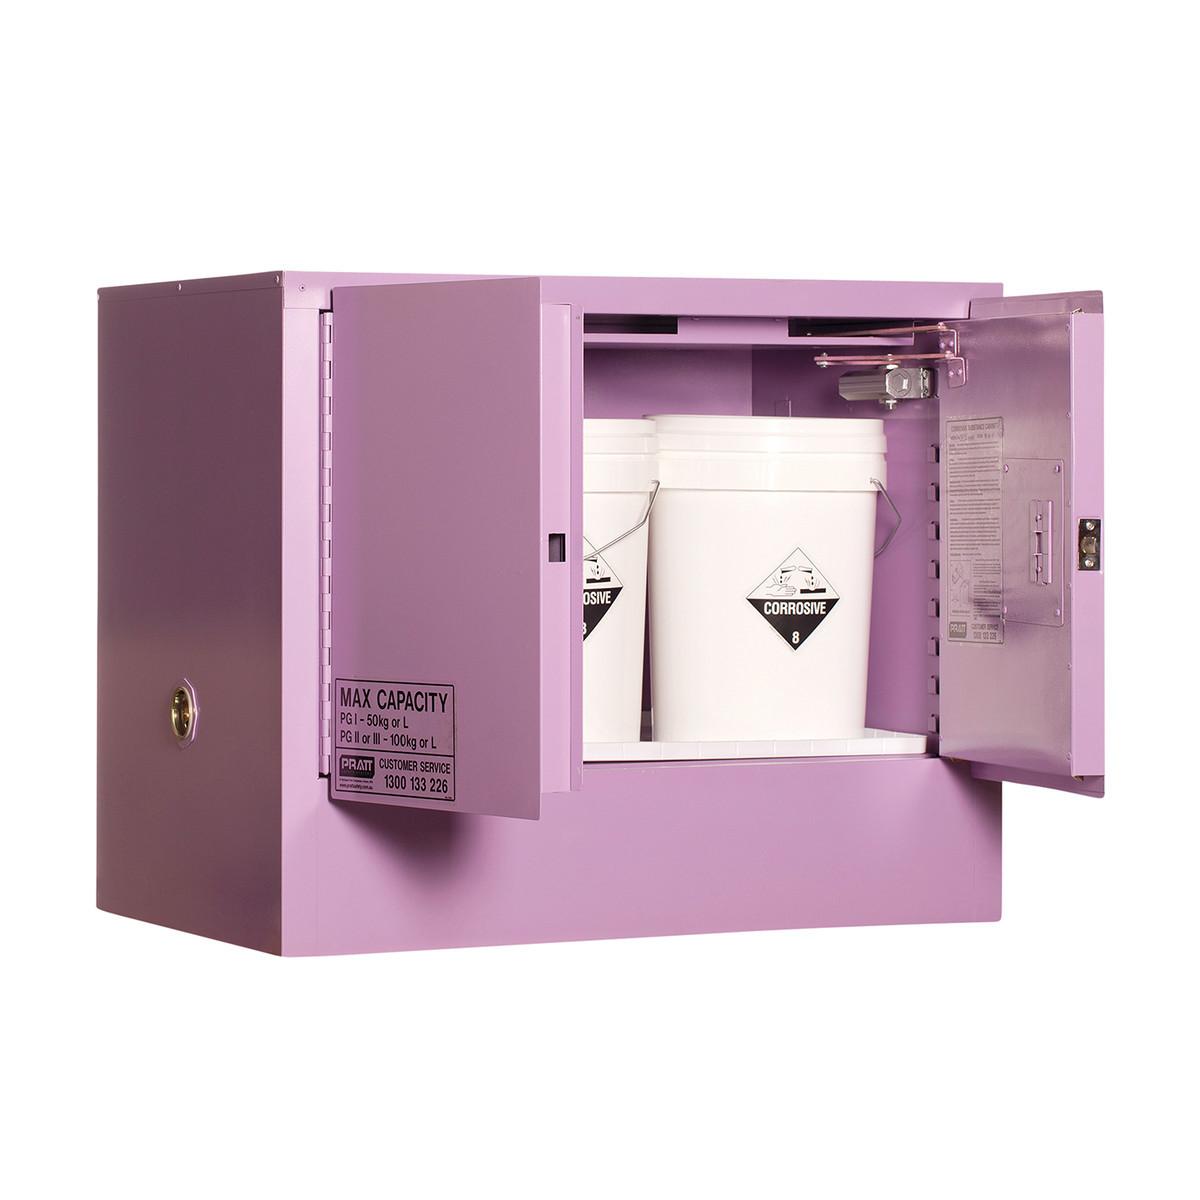 Corrosive Storage Cabinet 100 Liters - 2 Door, 1 Shelf